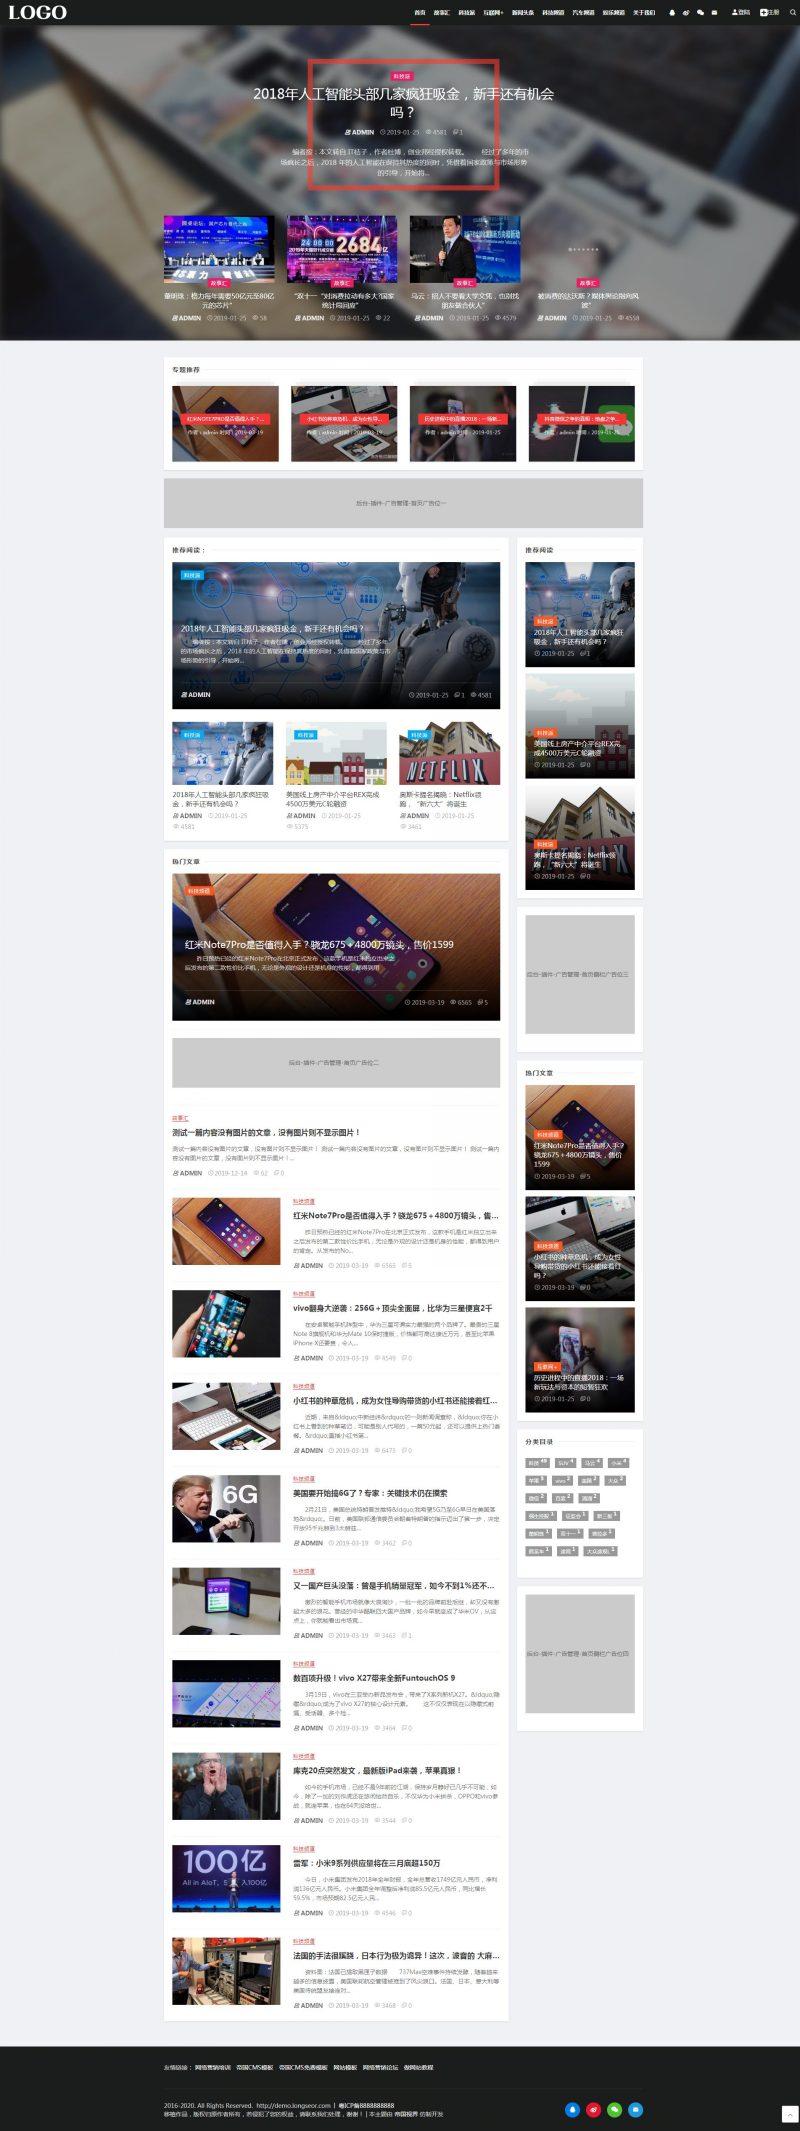 网站首页.jpg [DG-053]帝国CMS黑色经典大气新闻资讯自适应网站模板(带会员中心) 新闻资讯 第1张